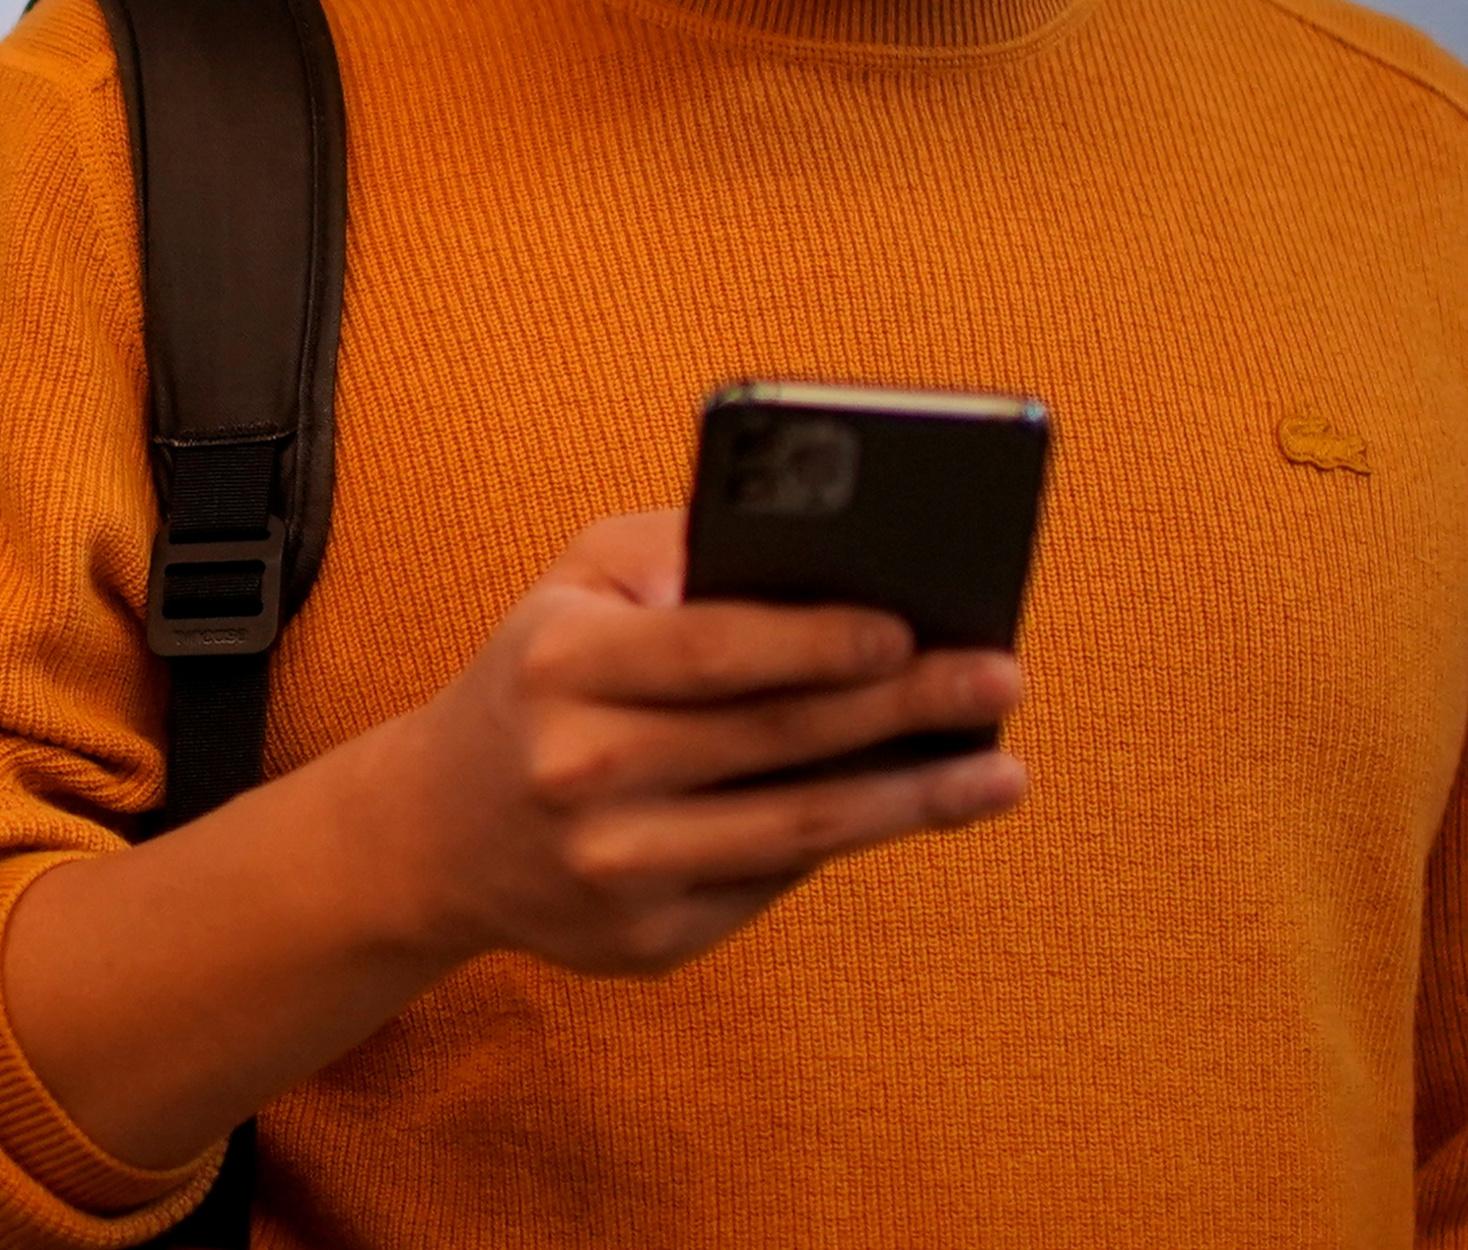 Κορονοϊός: Έρχεται η ιχνηλάτηση κρουσμάτων από τα κινητά – Πως θα λειτουργεί